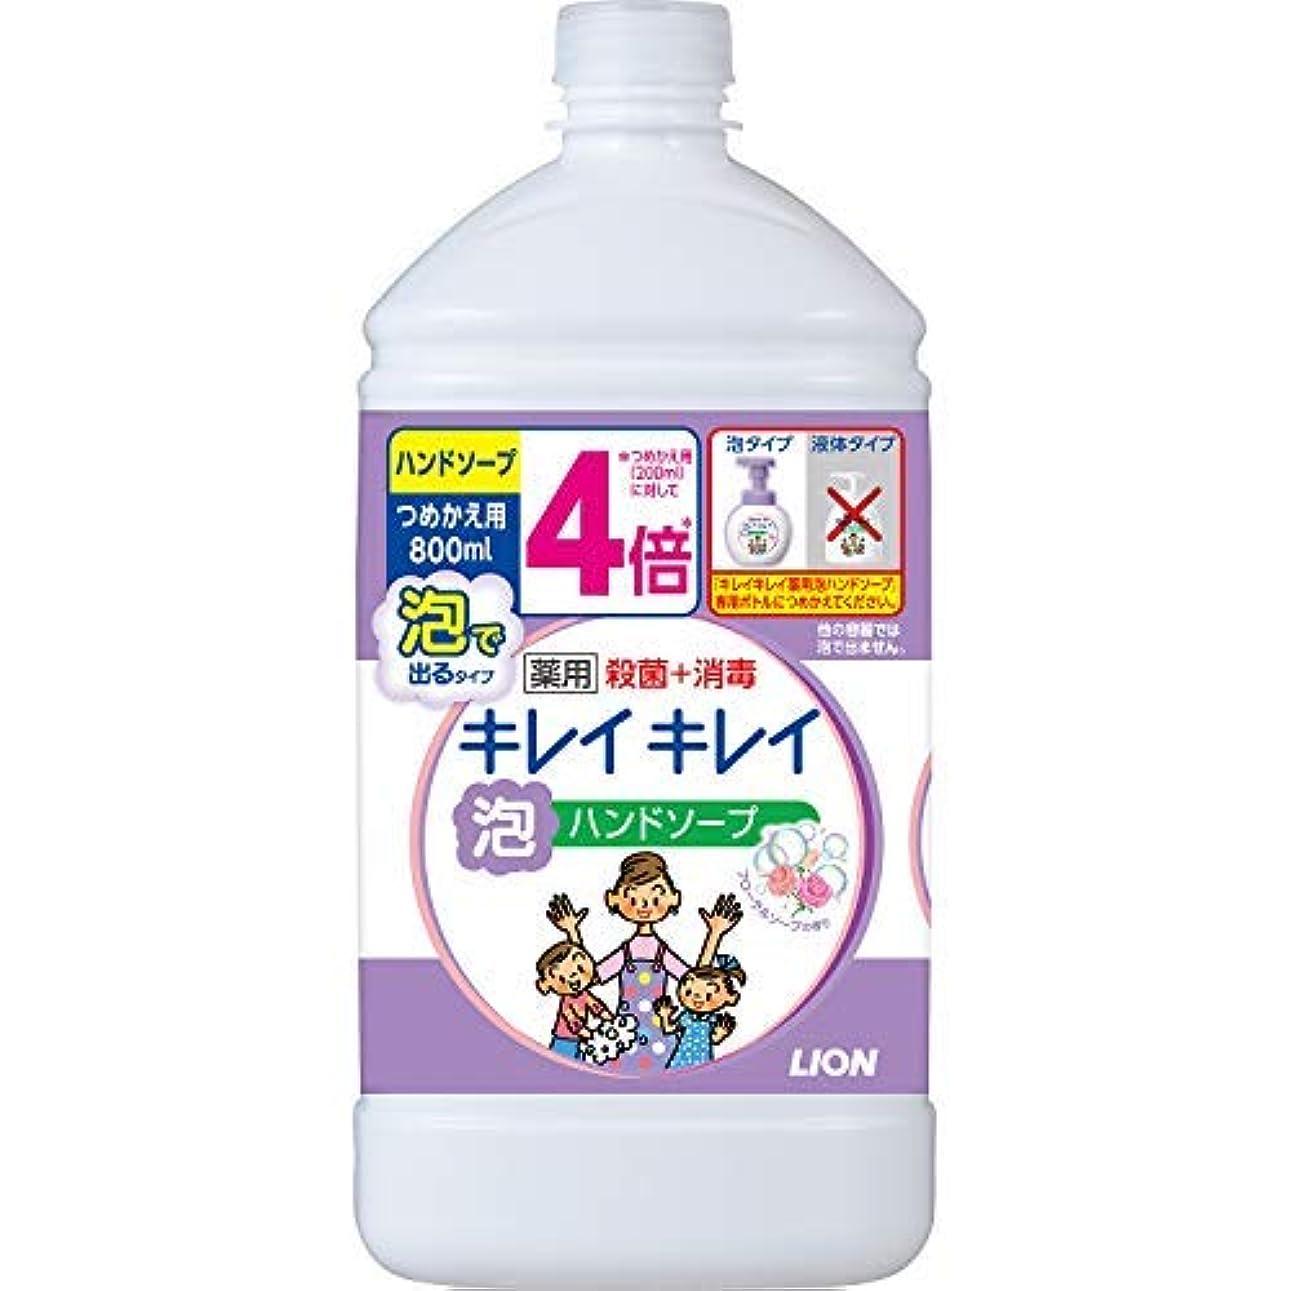 キレイキレイ 薬用泡ハンドソープ つめかえ用特大サイズ フローラルソープ × 10個セット